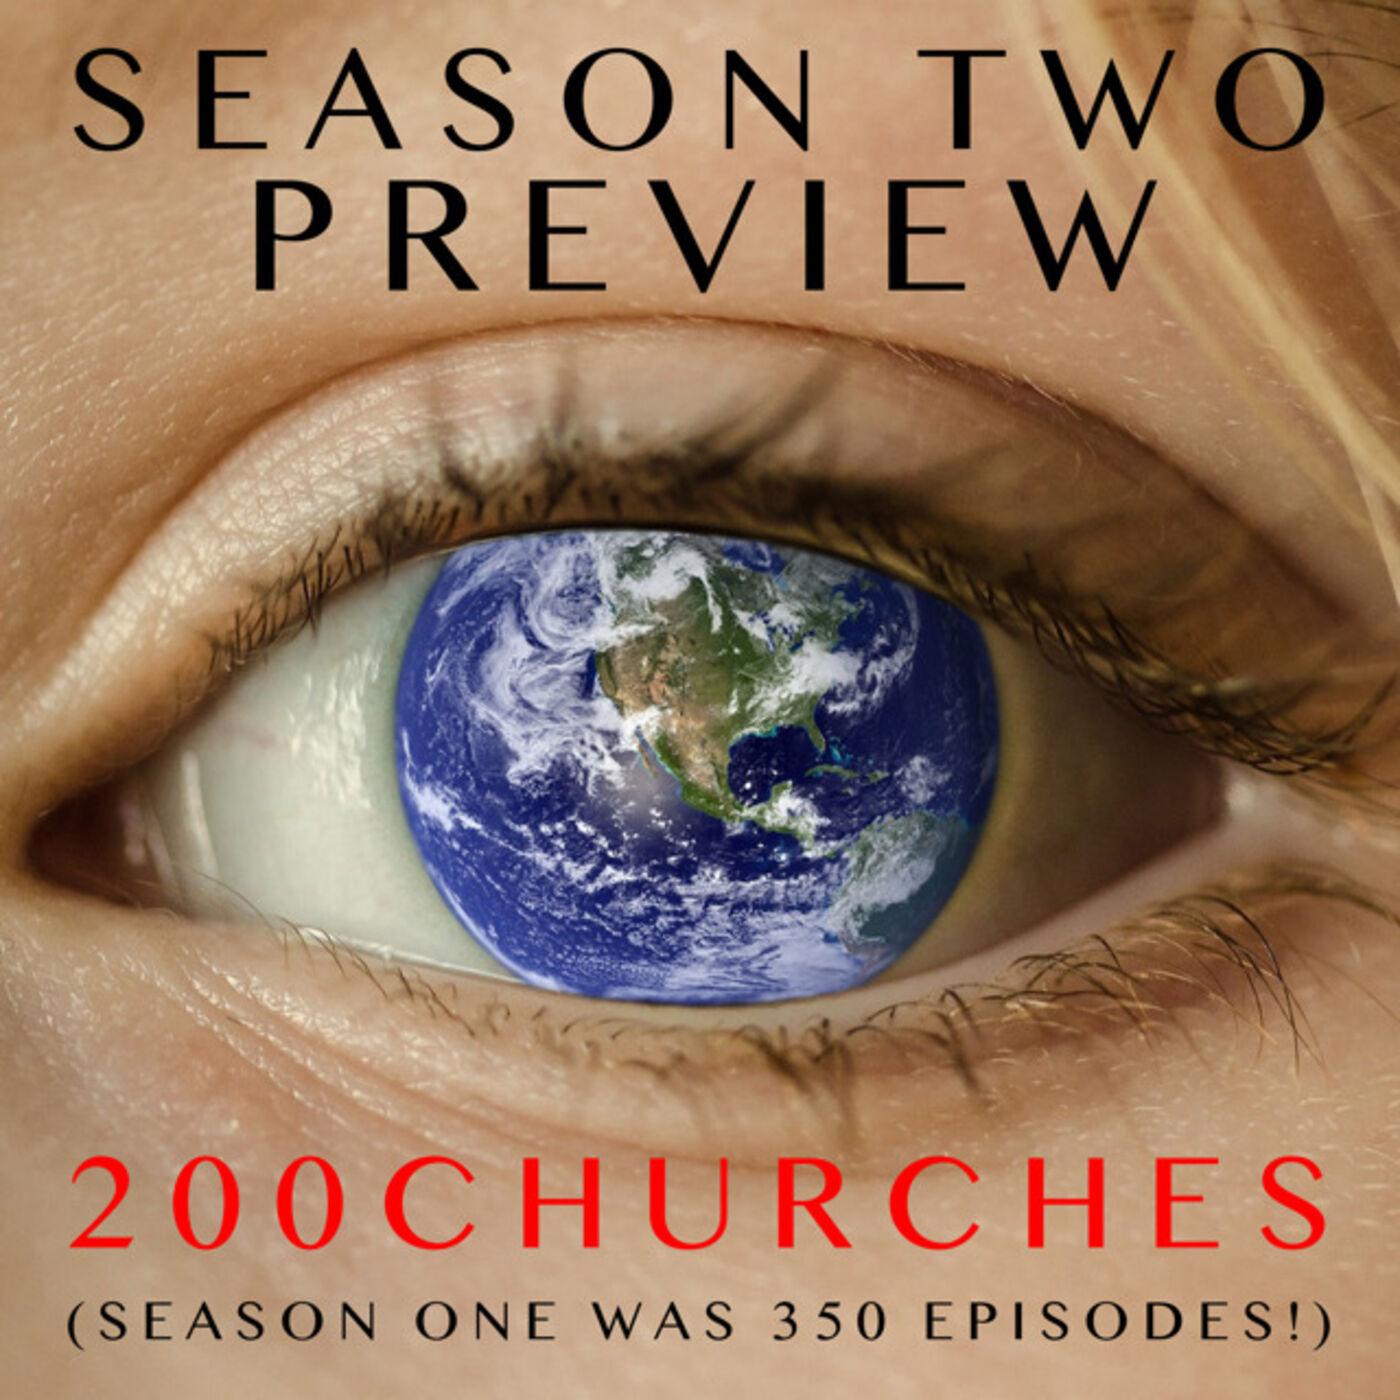 Season 2 Episode - Preview